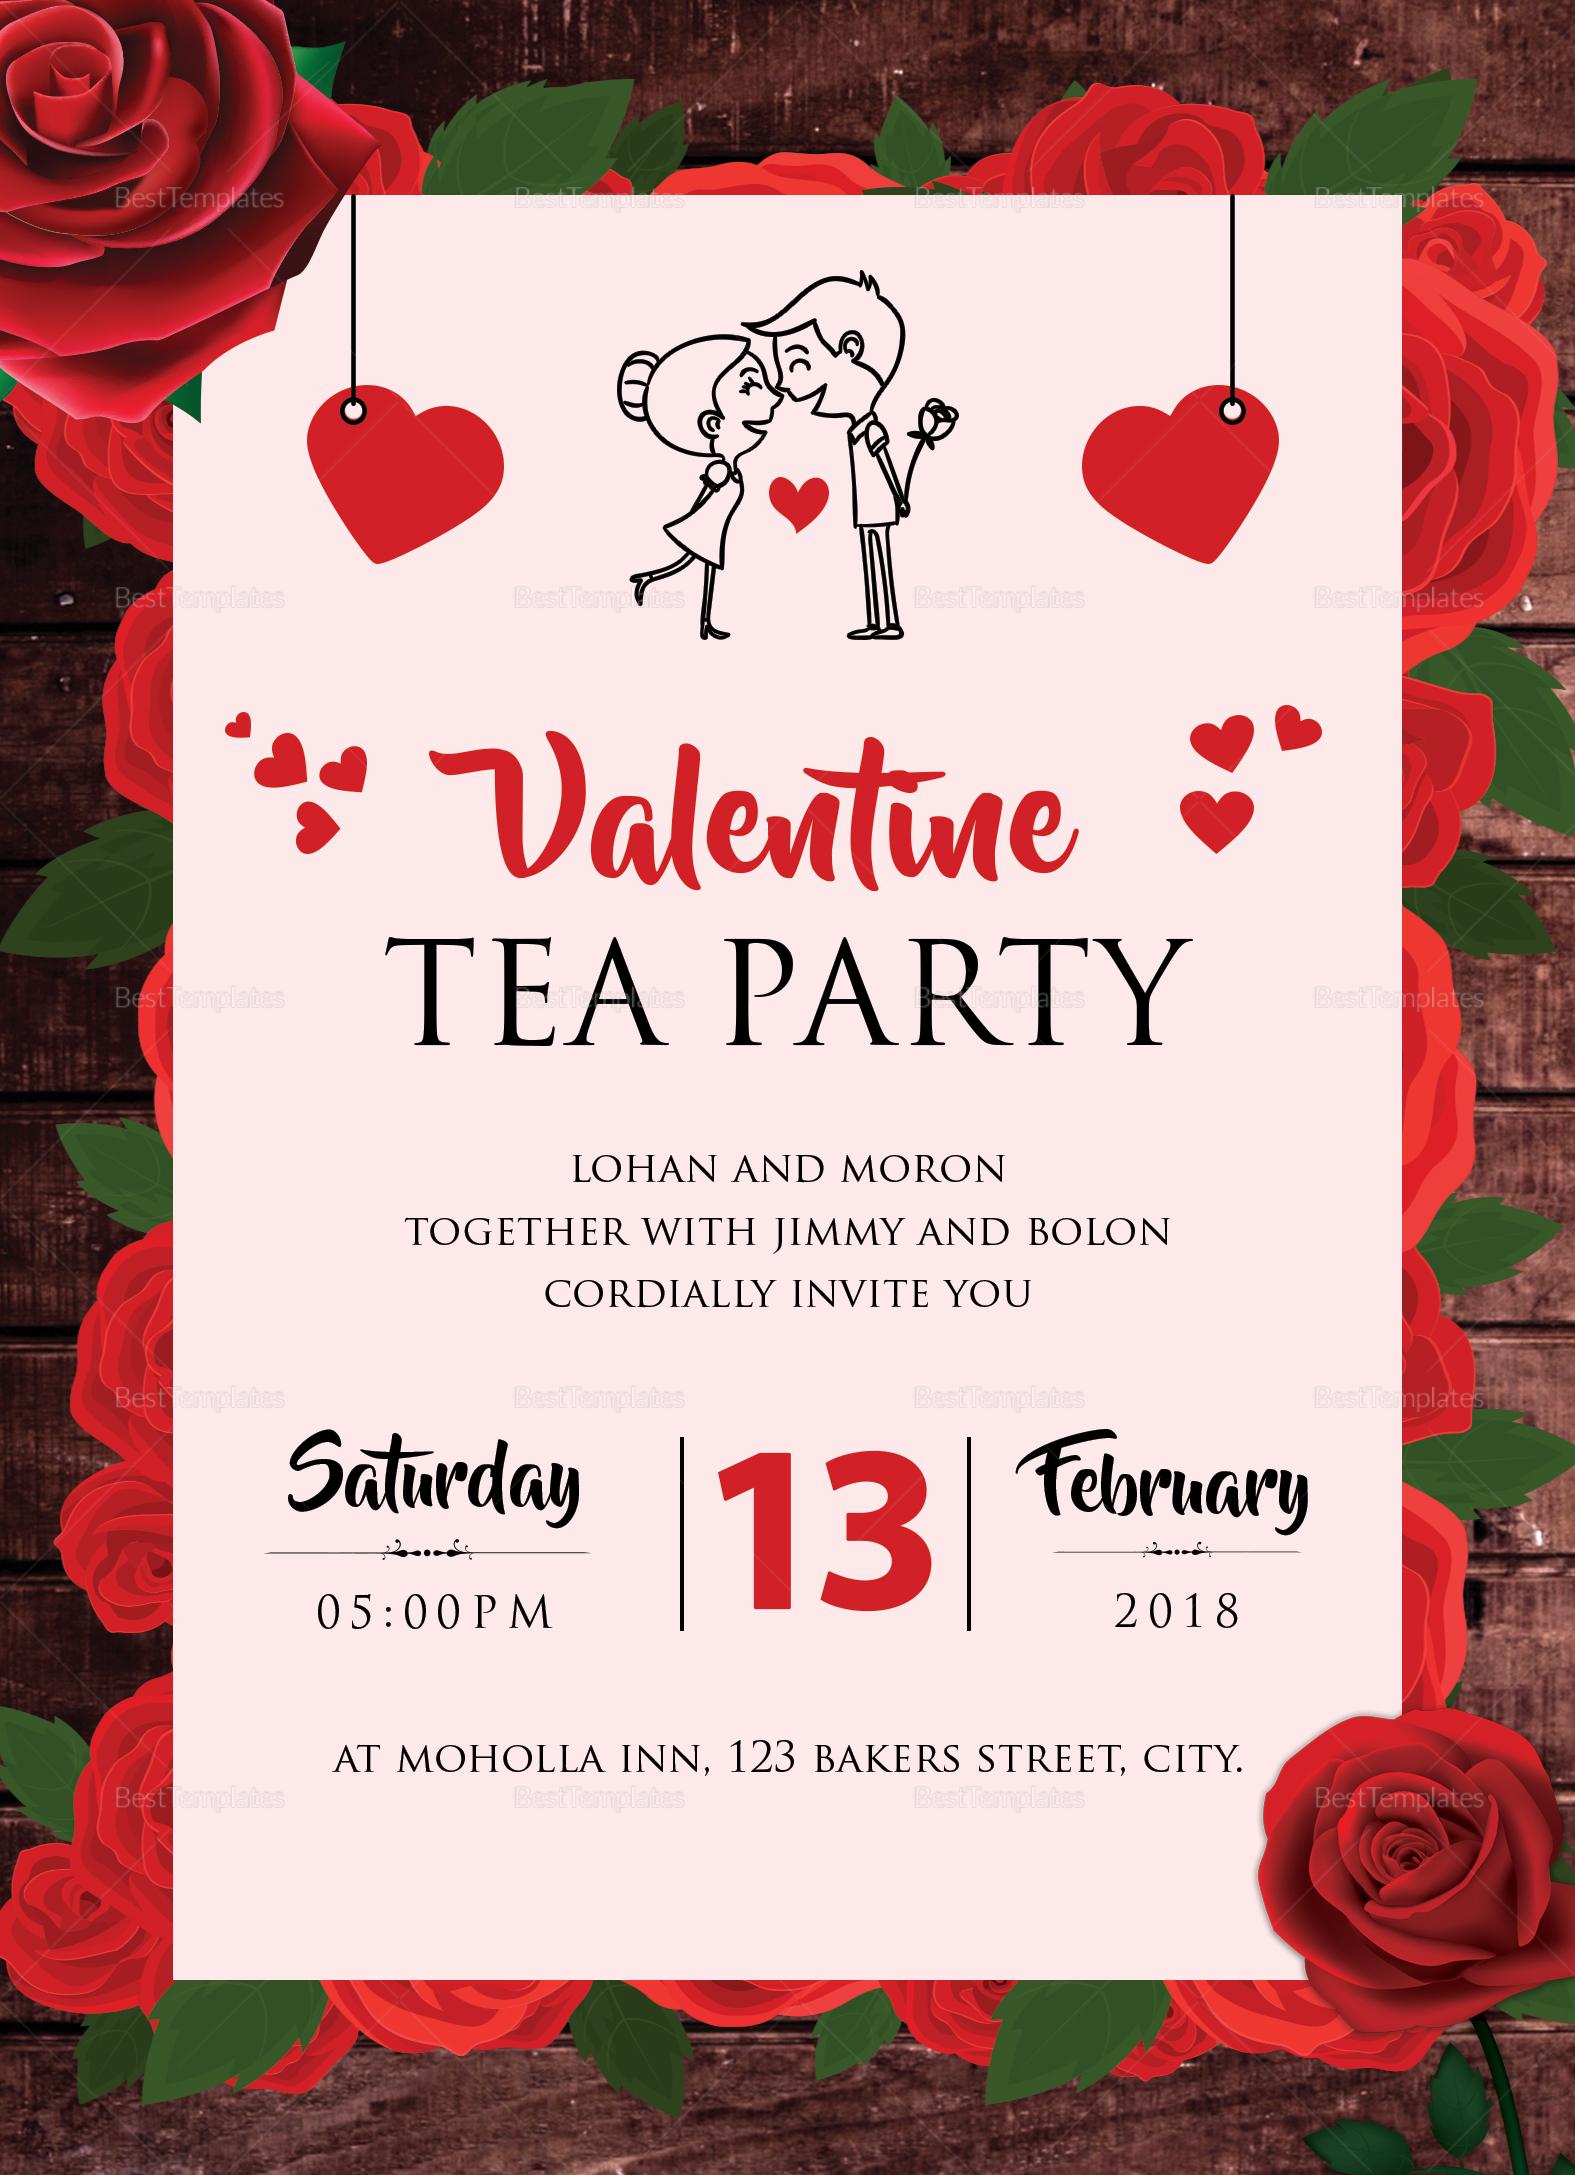 Valentine Tea Party Invitation Design Template